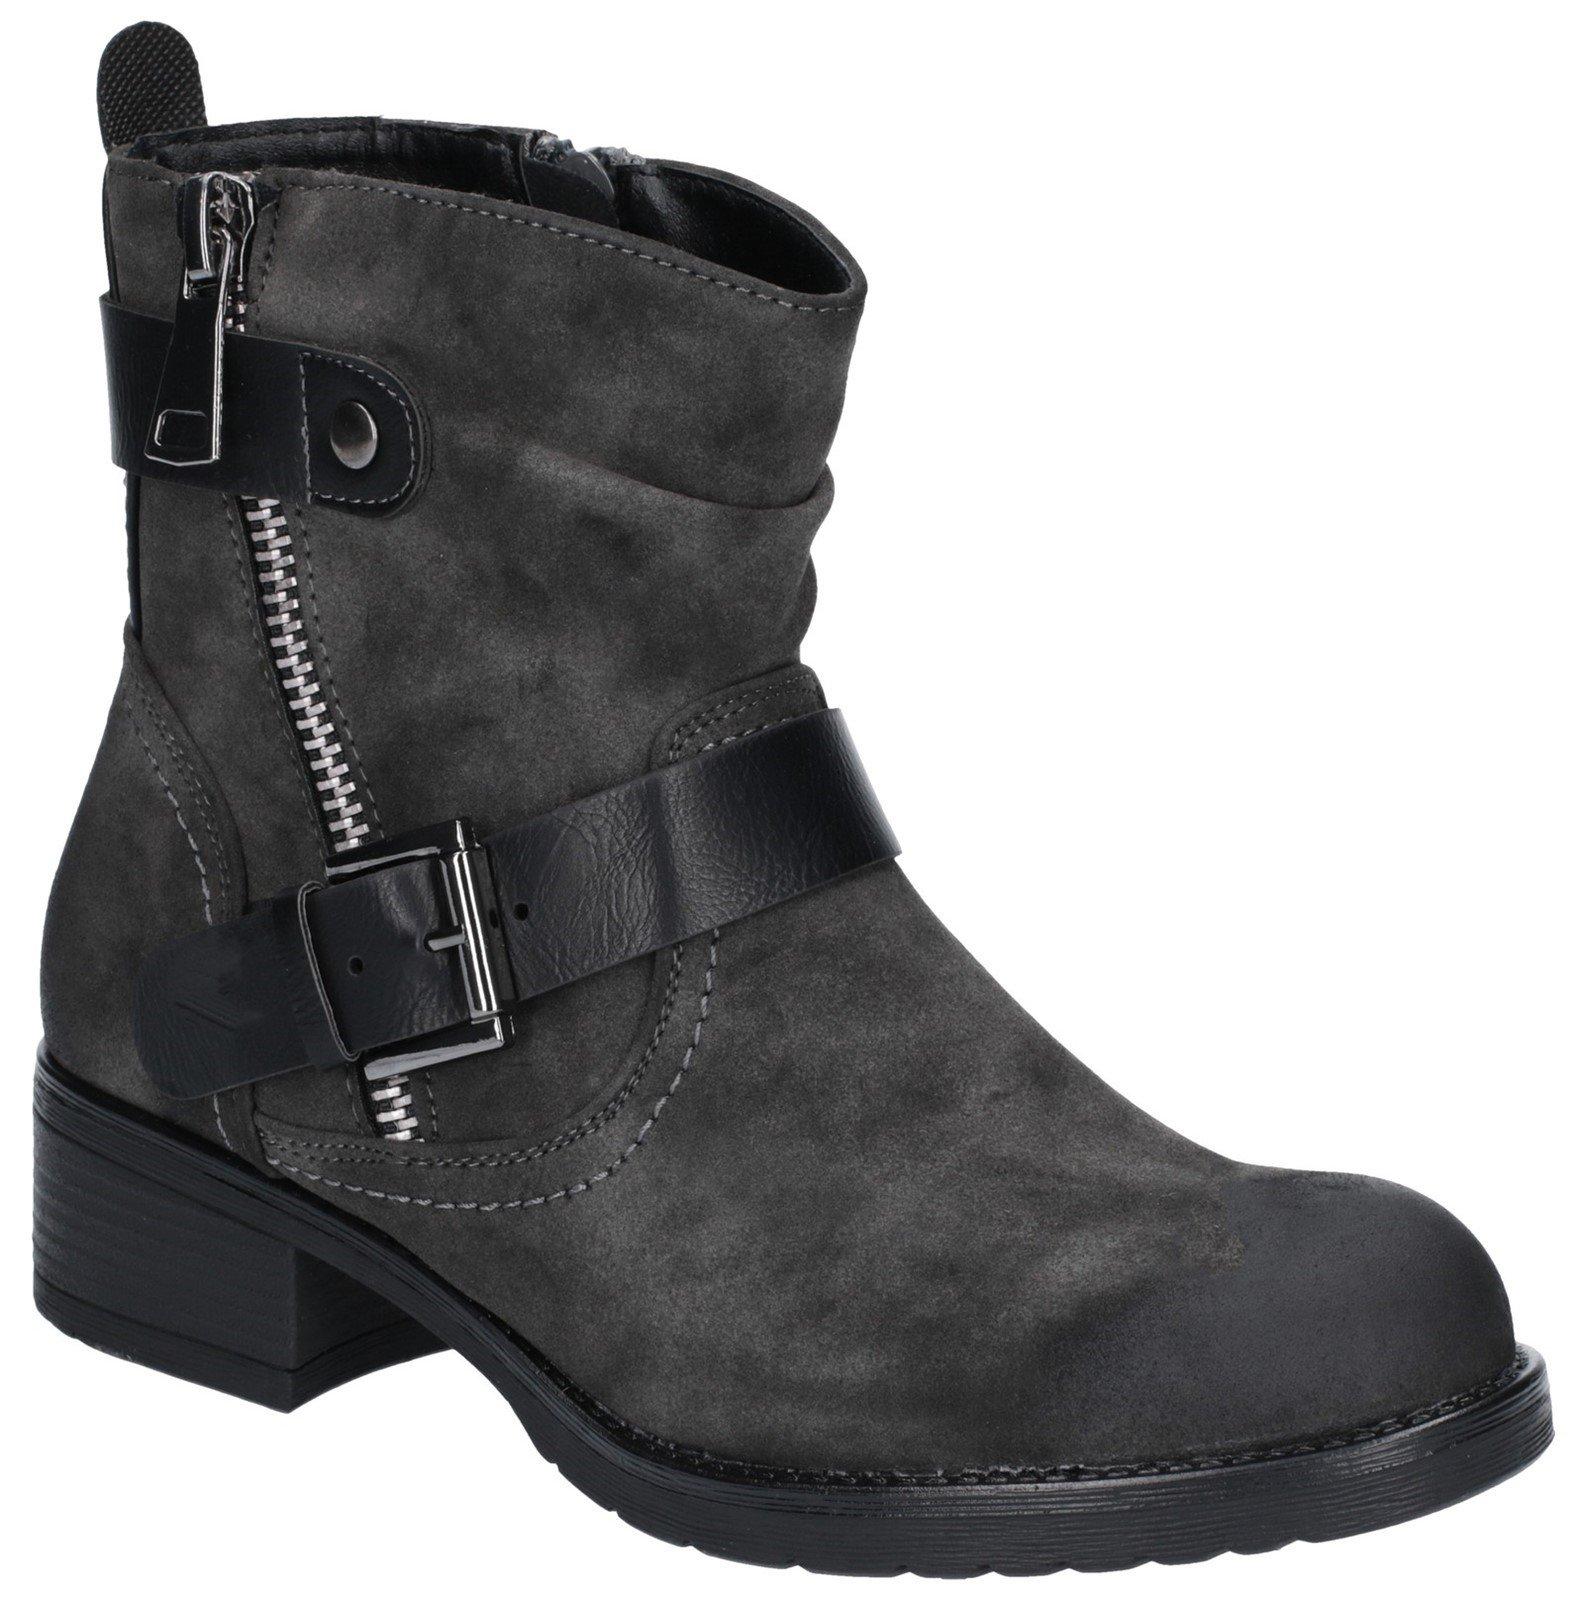 Divaz Women's Jett Zip Up Boot Brown 27166-45651 - Dark Grey 3